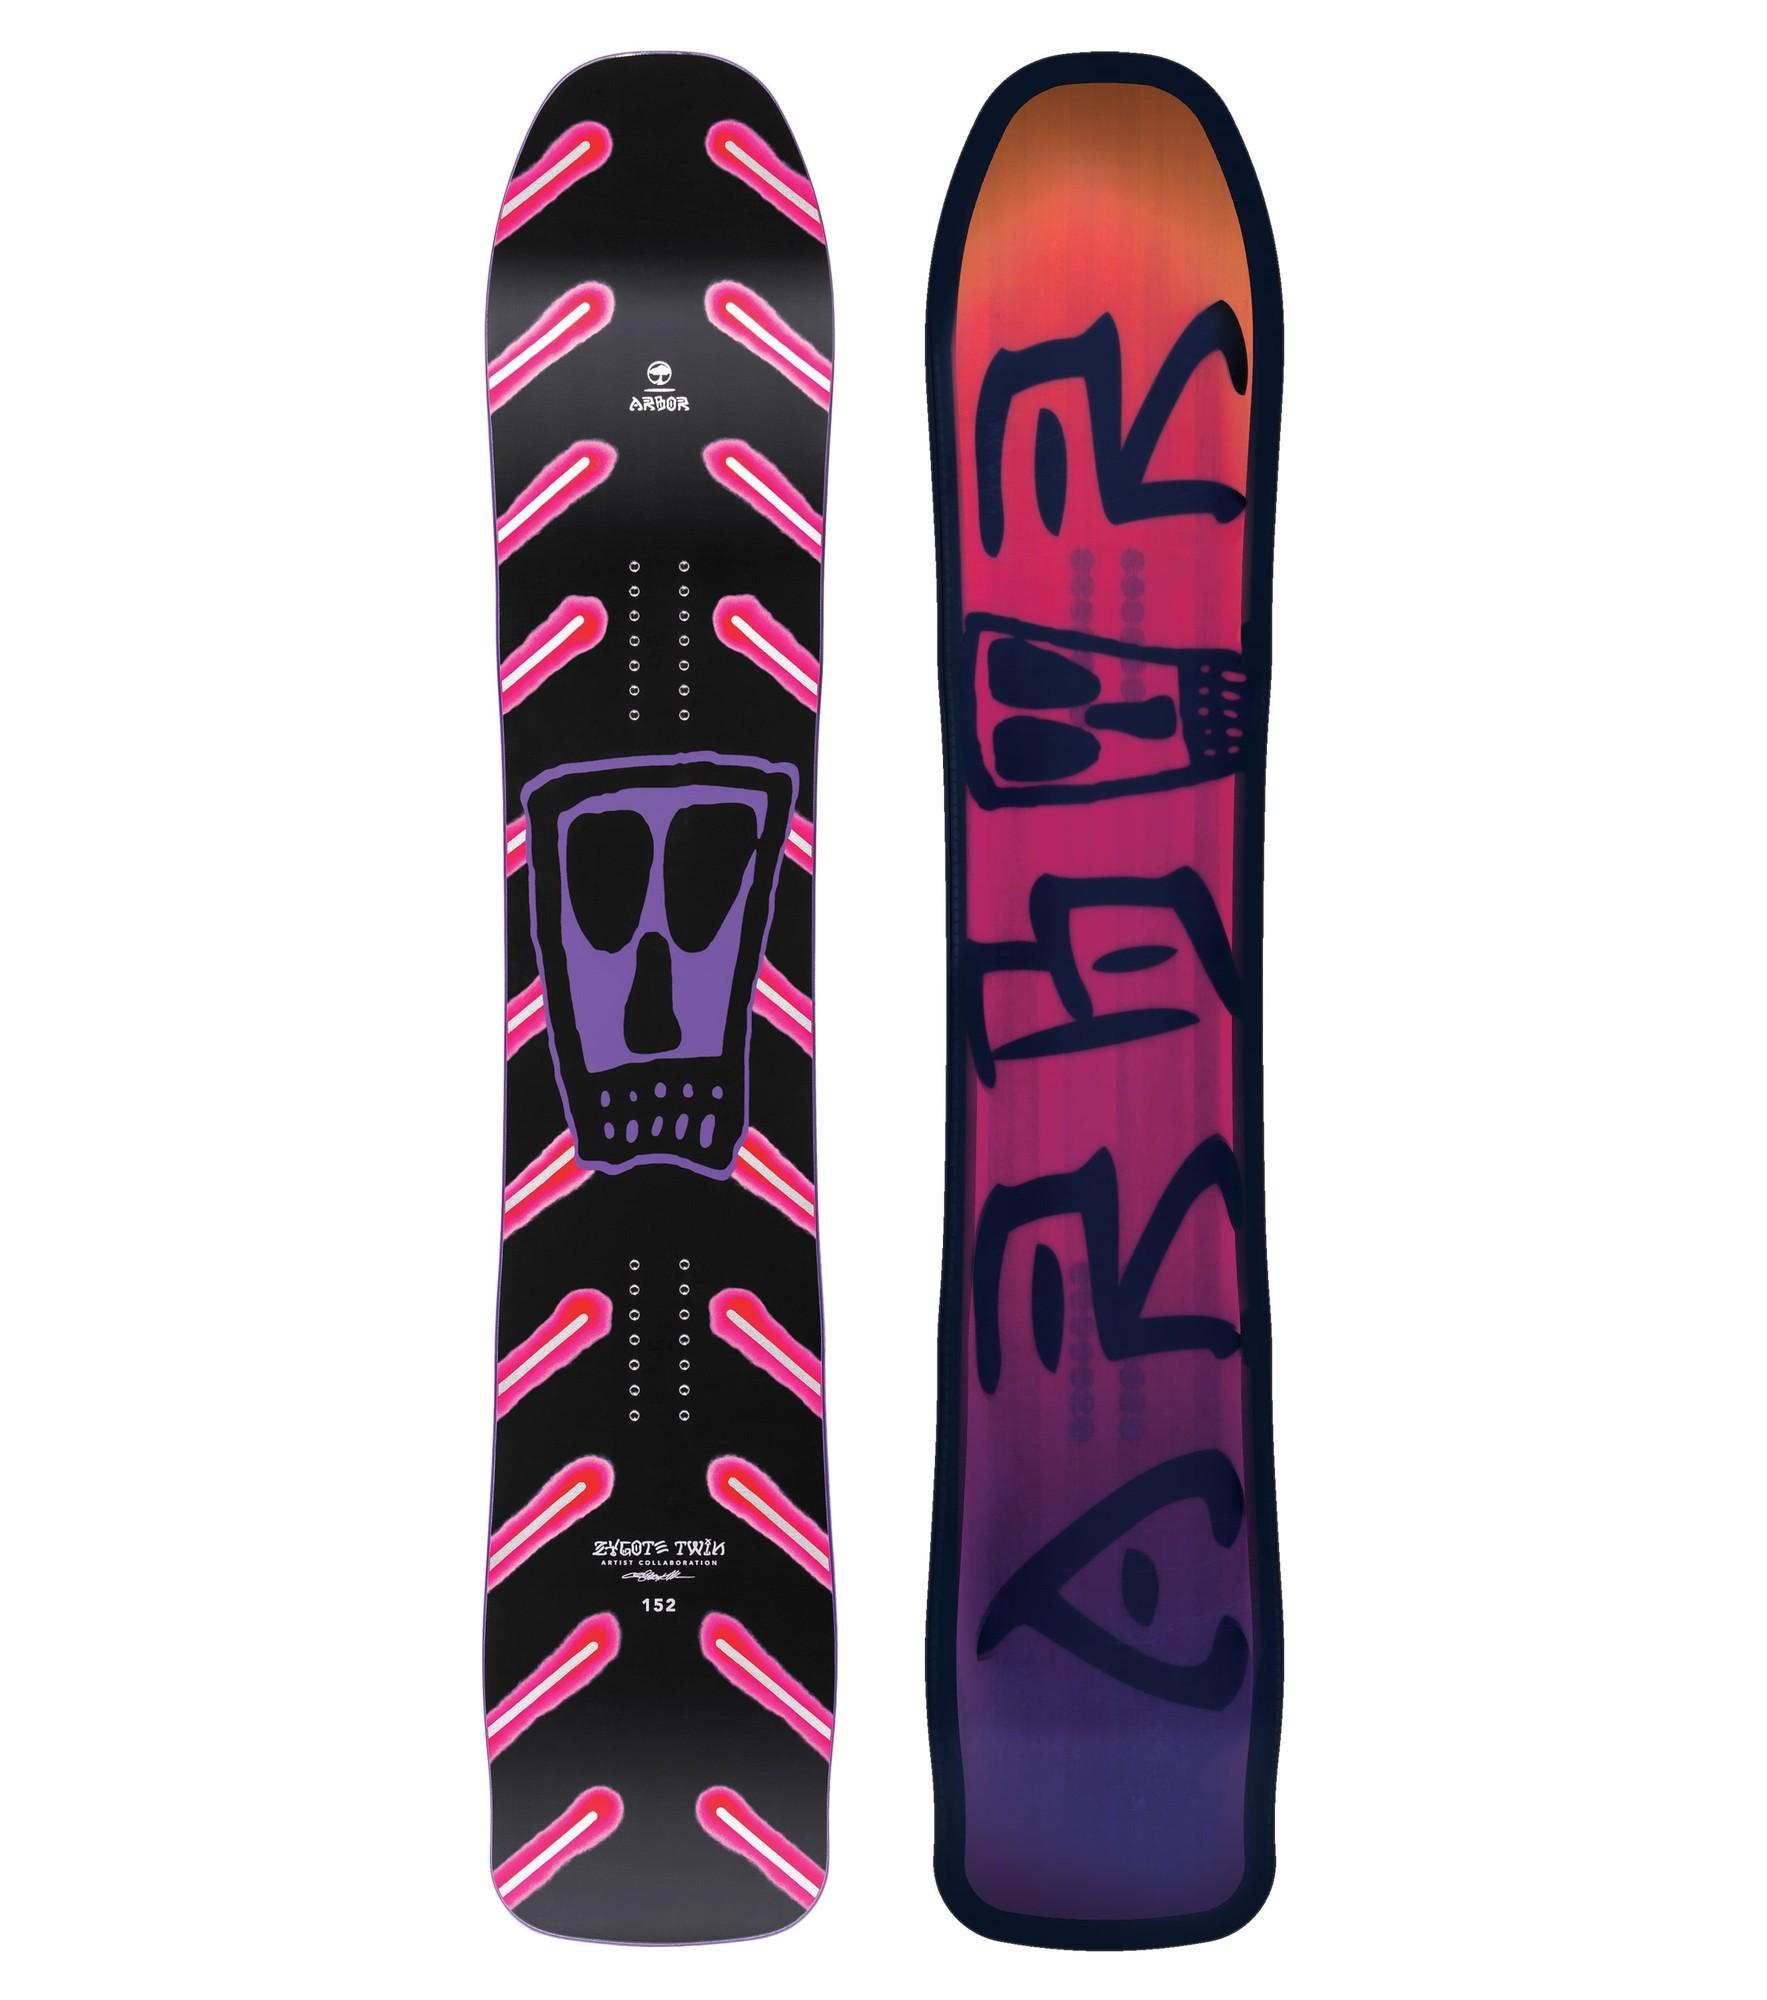 Afbeelding van Snowboard Heren ARBOR ZYGOTE TWIN 154 wide